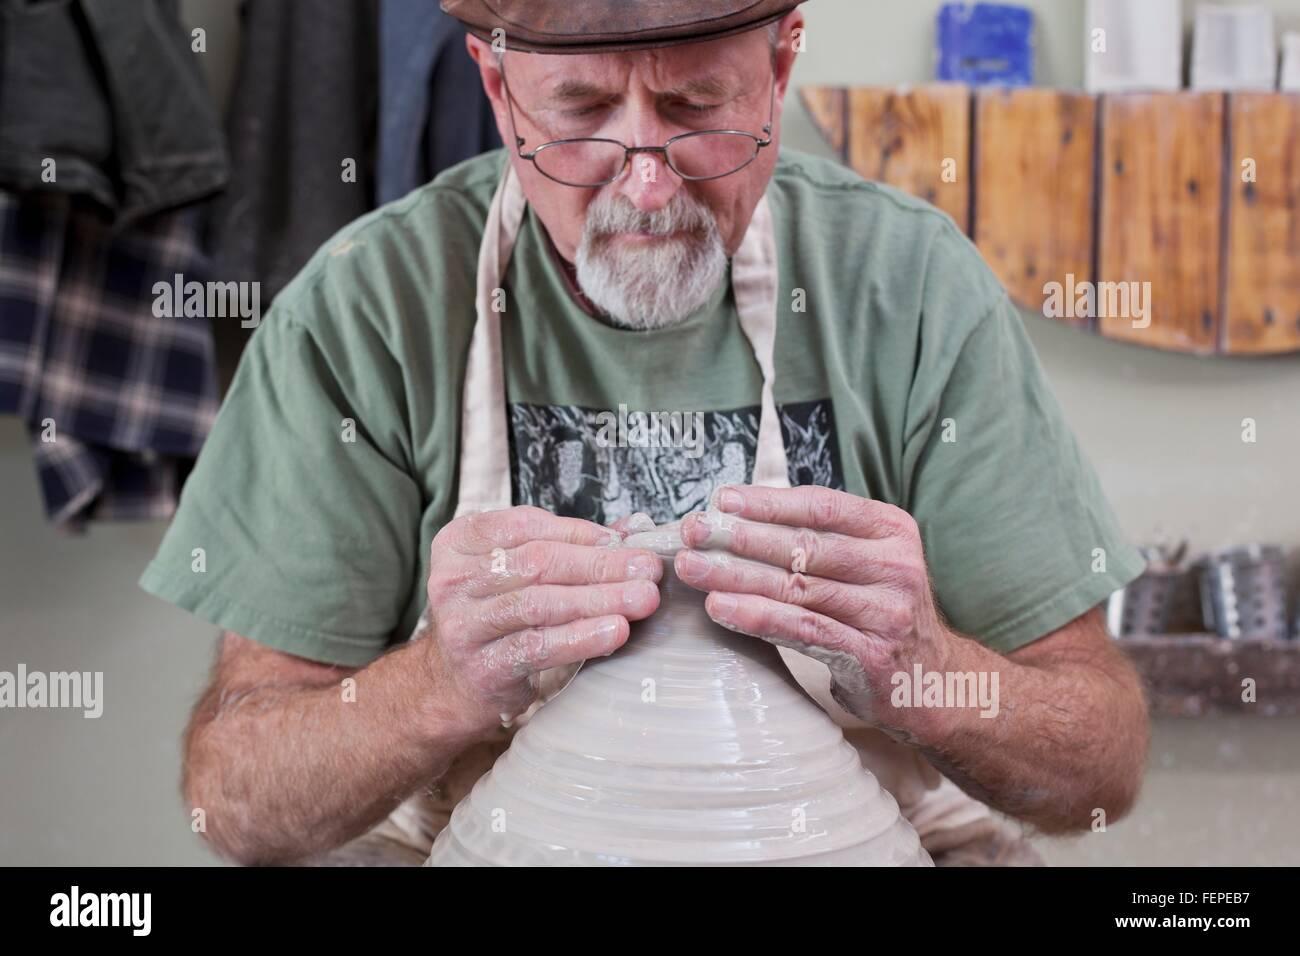 Potter portant chapeau plat en forme de finition, vase d'argile Photo Stock